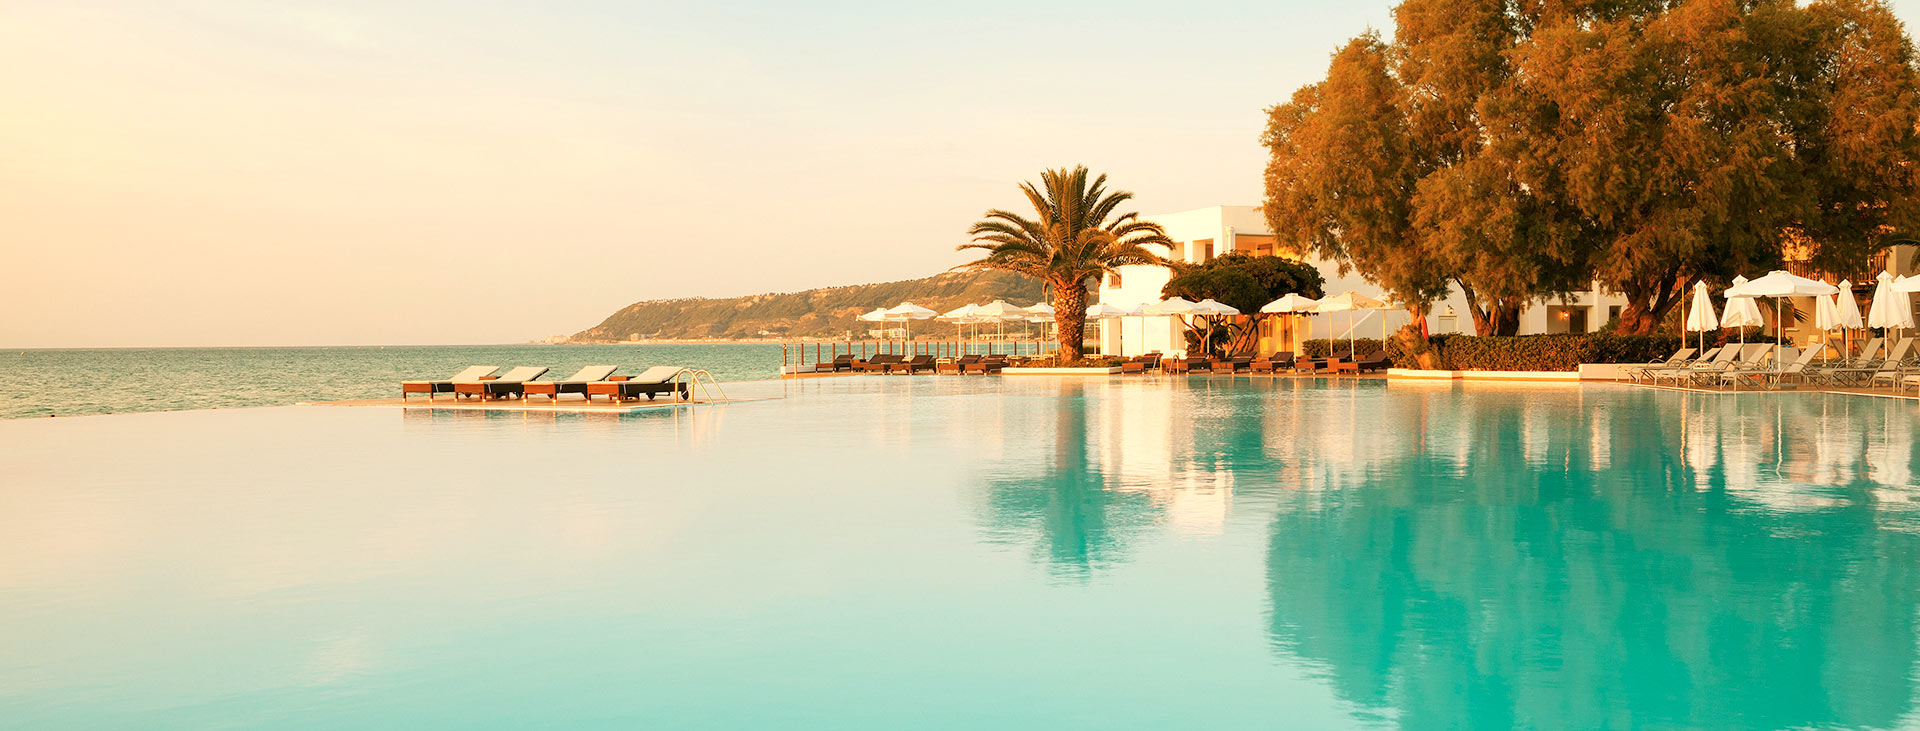 Sunprime Miramare Beach, Rodoksen länsirannikko, Rodos, Kreikka